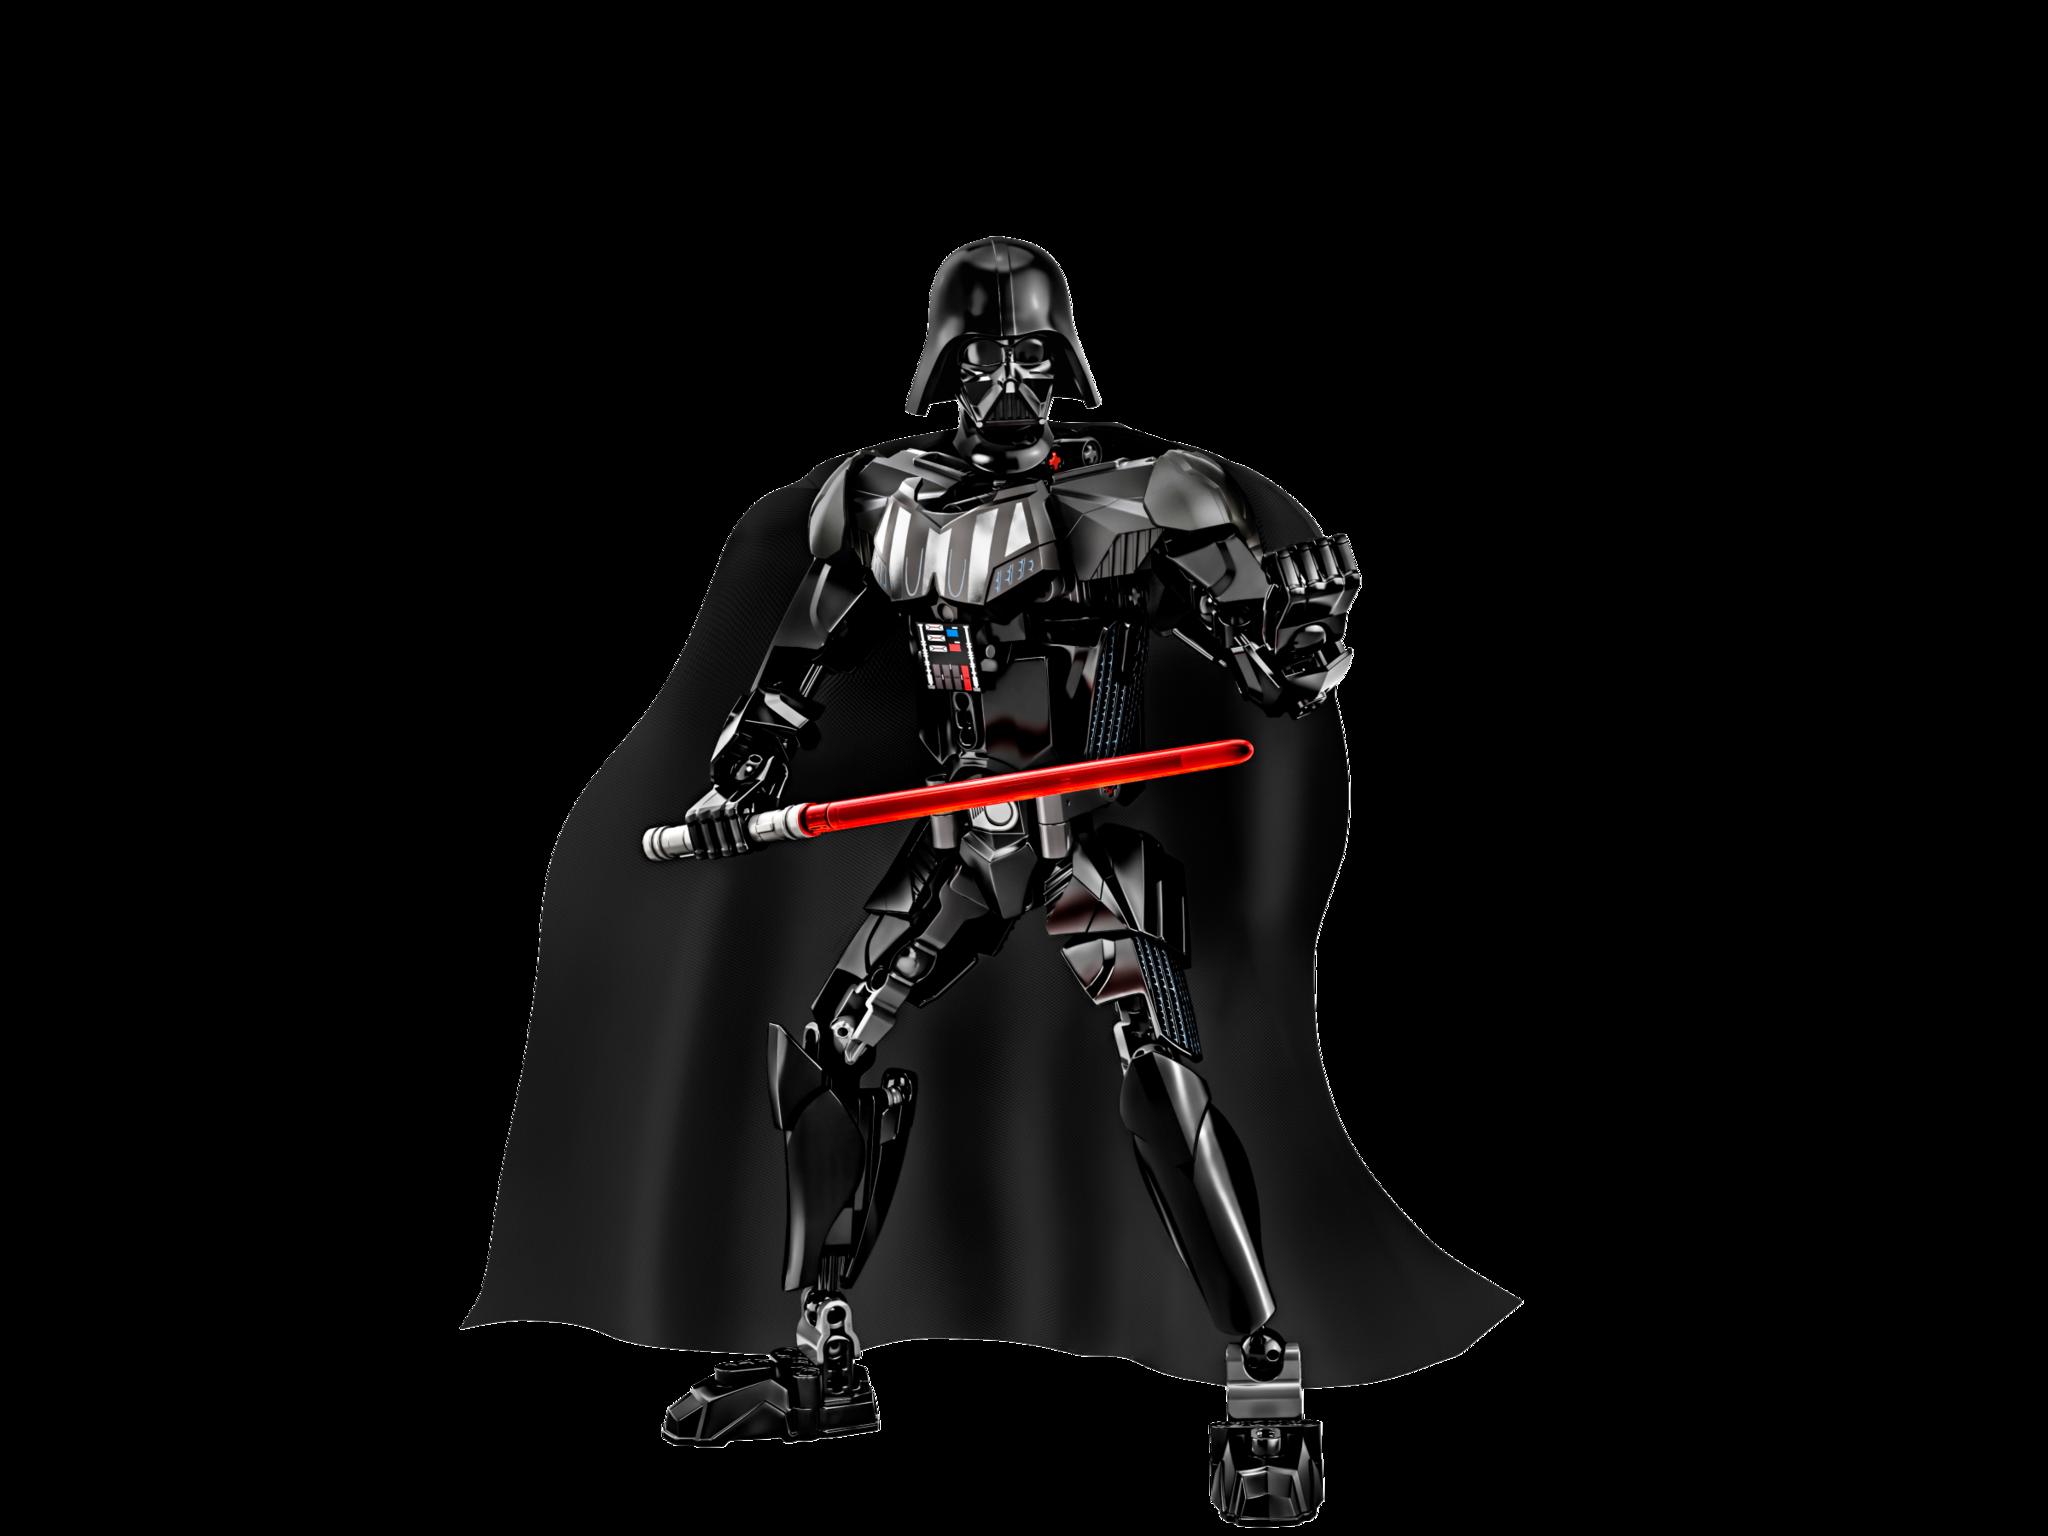 Darth Vader Vader Star Wars Star Wars Darth Darth Vader